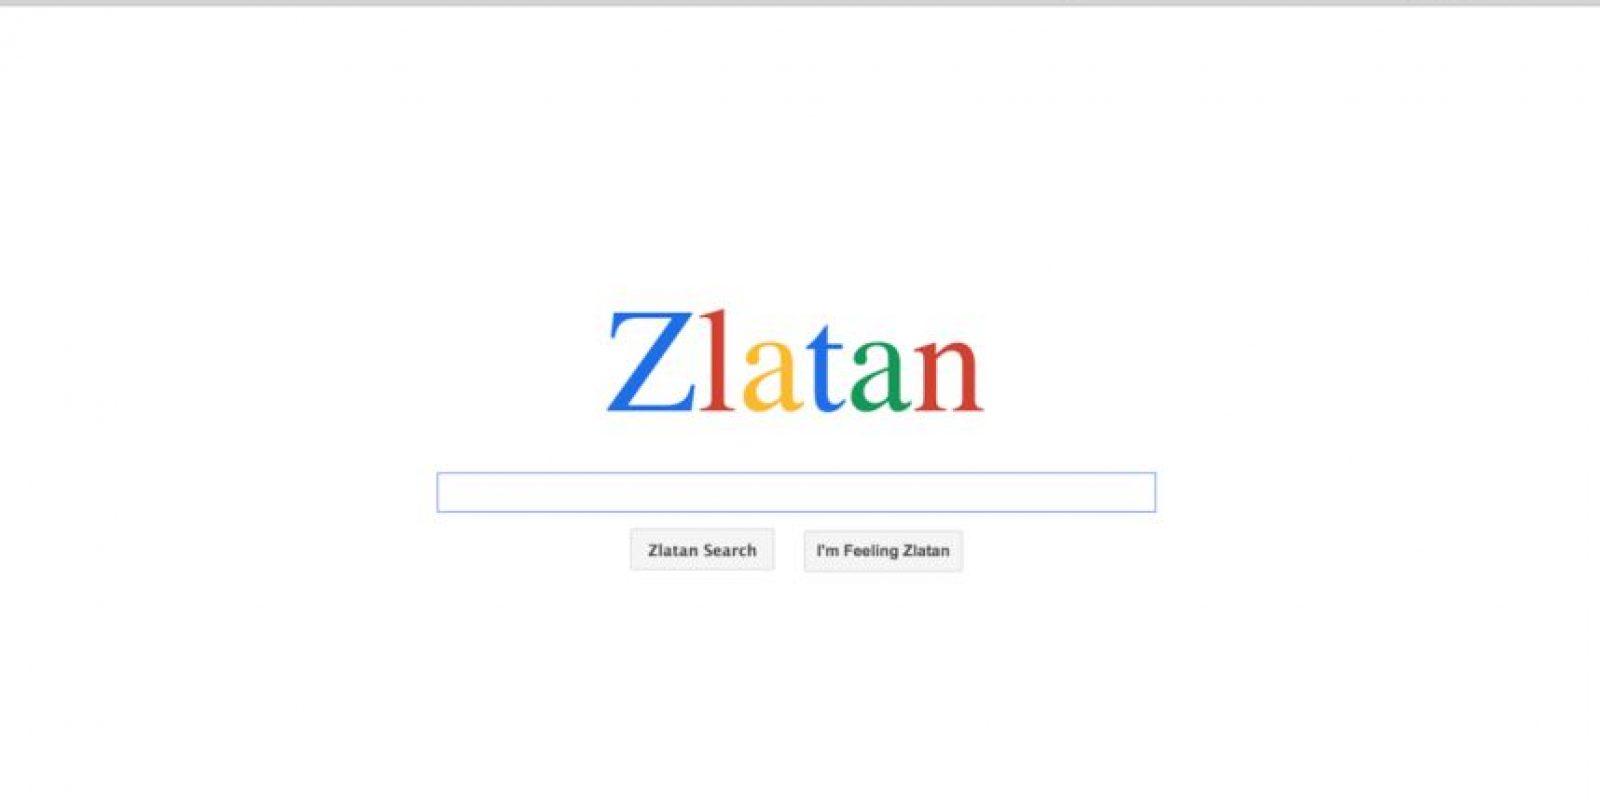 ¿Qué tal? Respaldado por Google, Zlatan Ibrahimovic ya tiene su propio buscador. Foto:Vía Zlaaatan.com